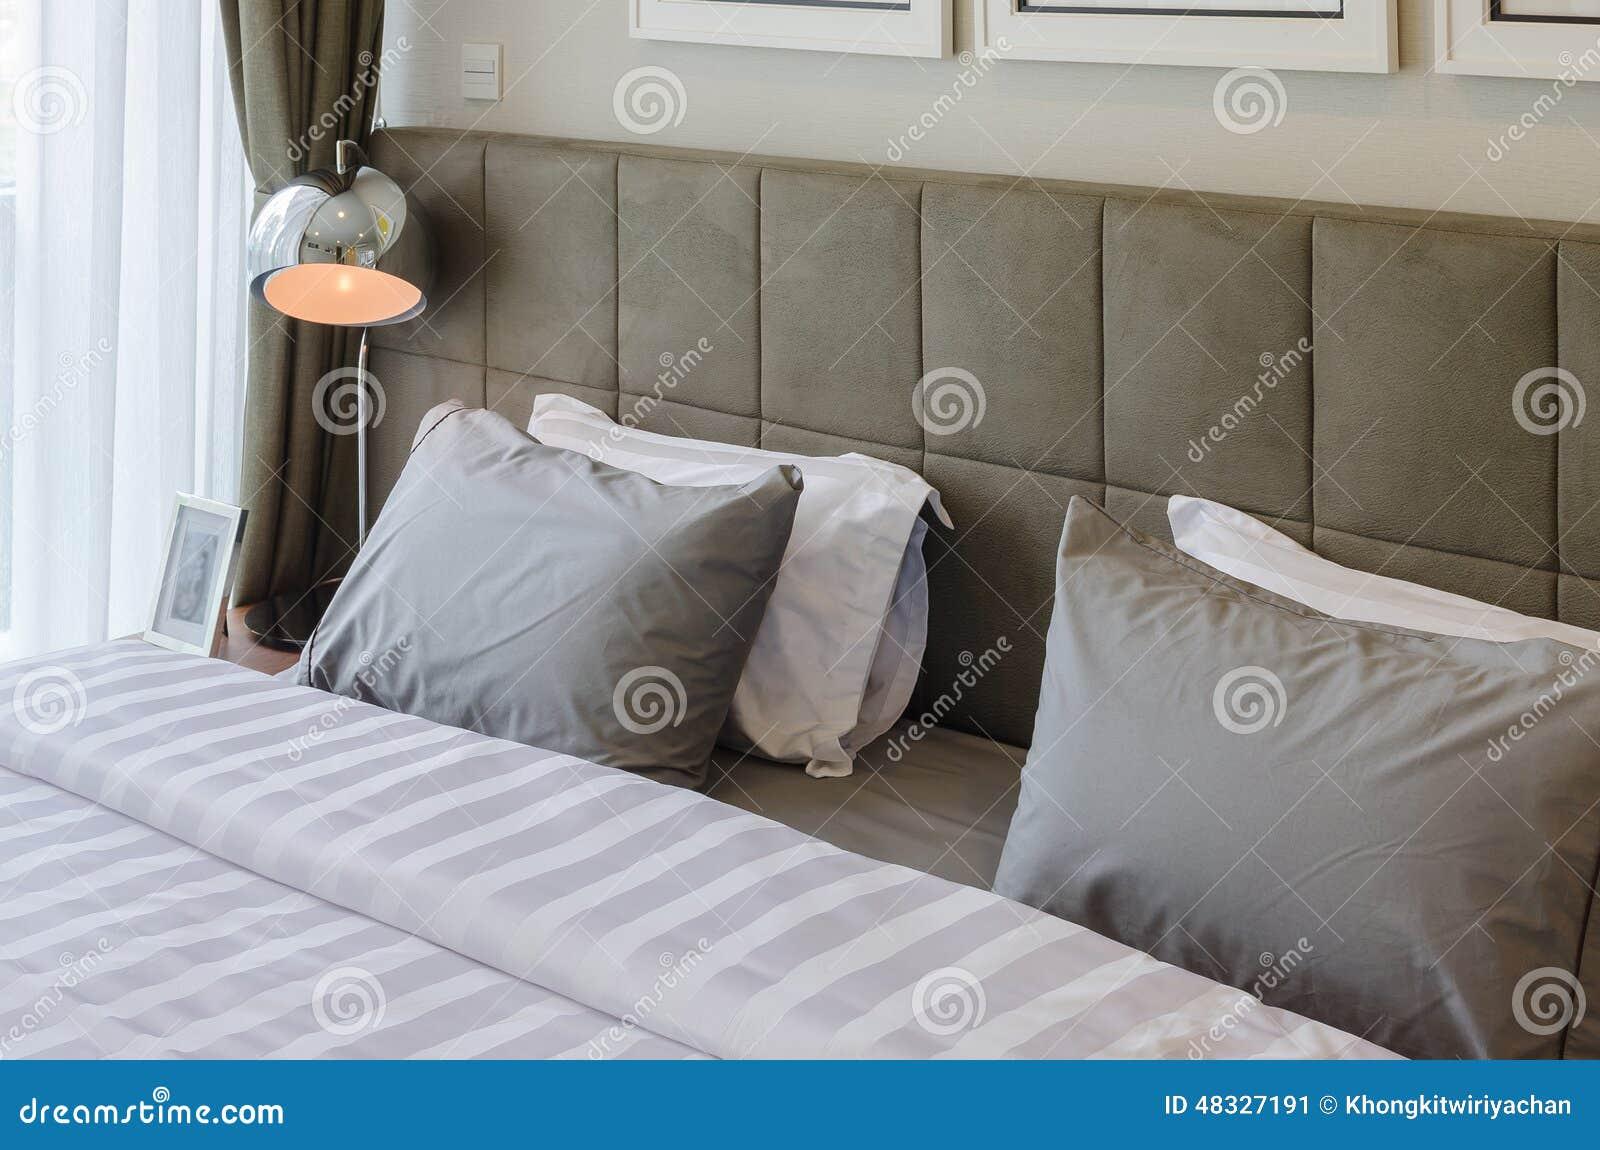 Cuscini sul letto casamia idea di immagine - Come mettere i cuscini sul letto ...